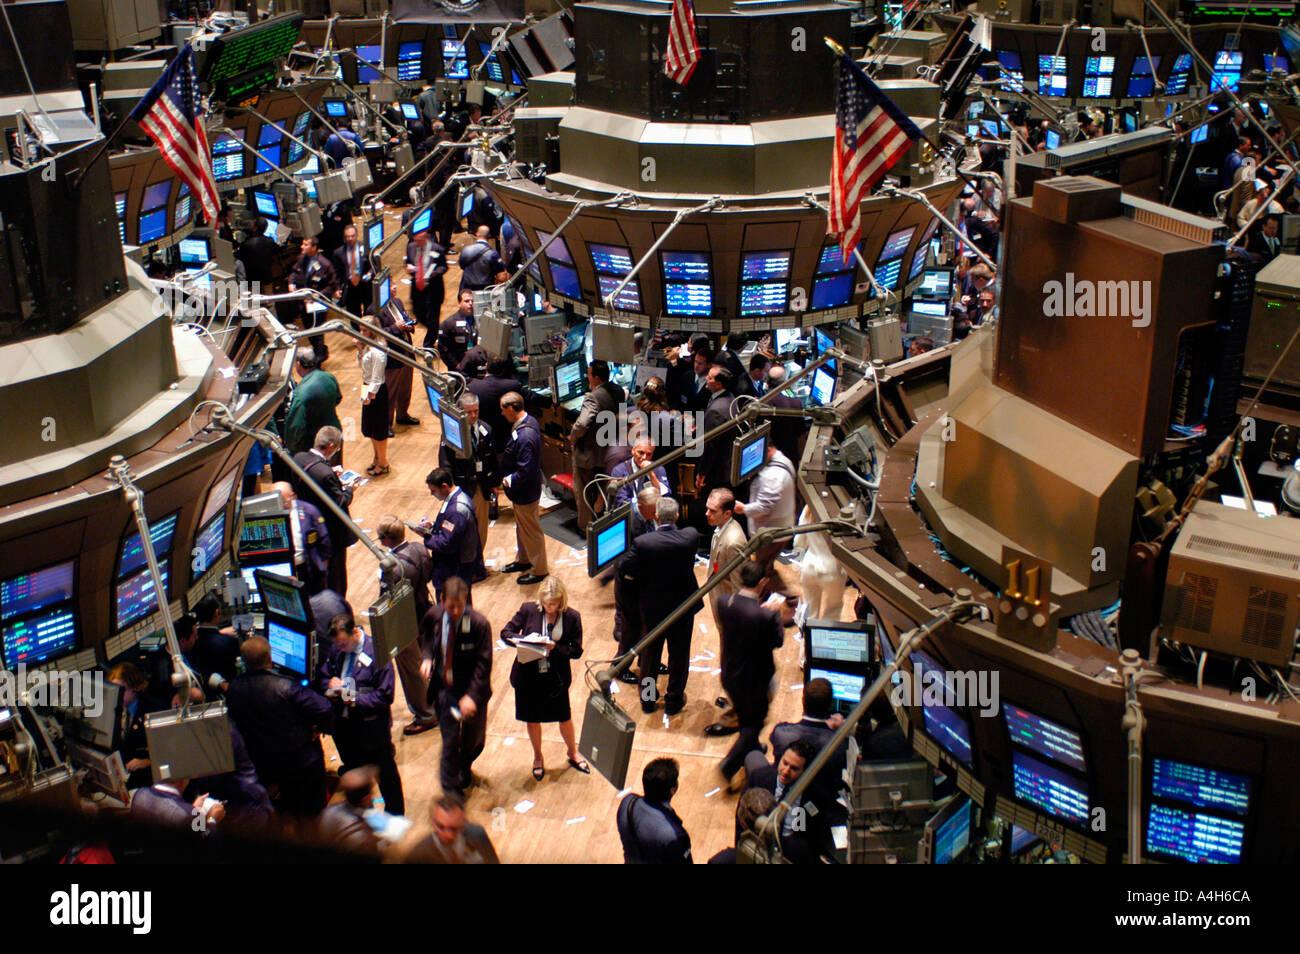 Exchange brokers